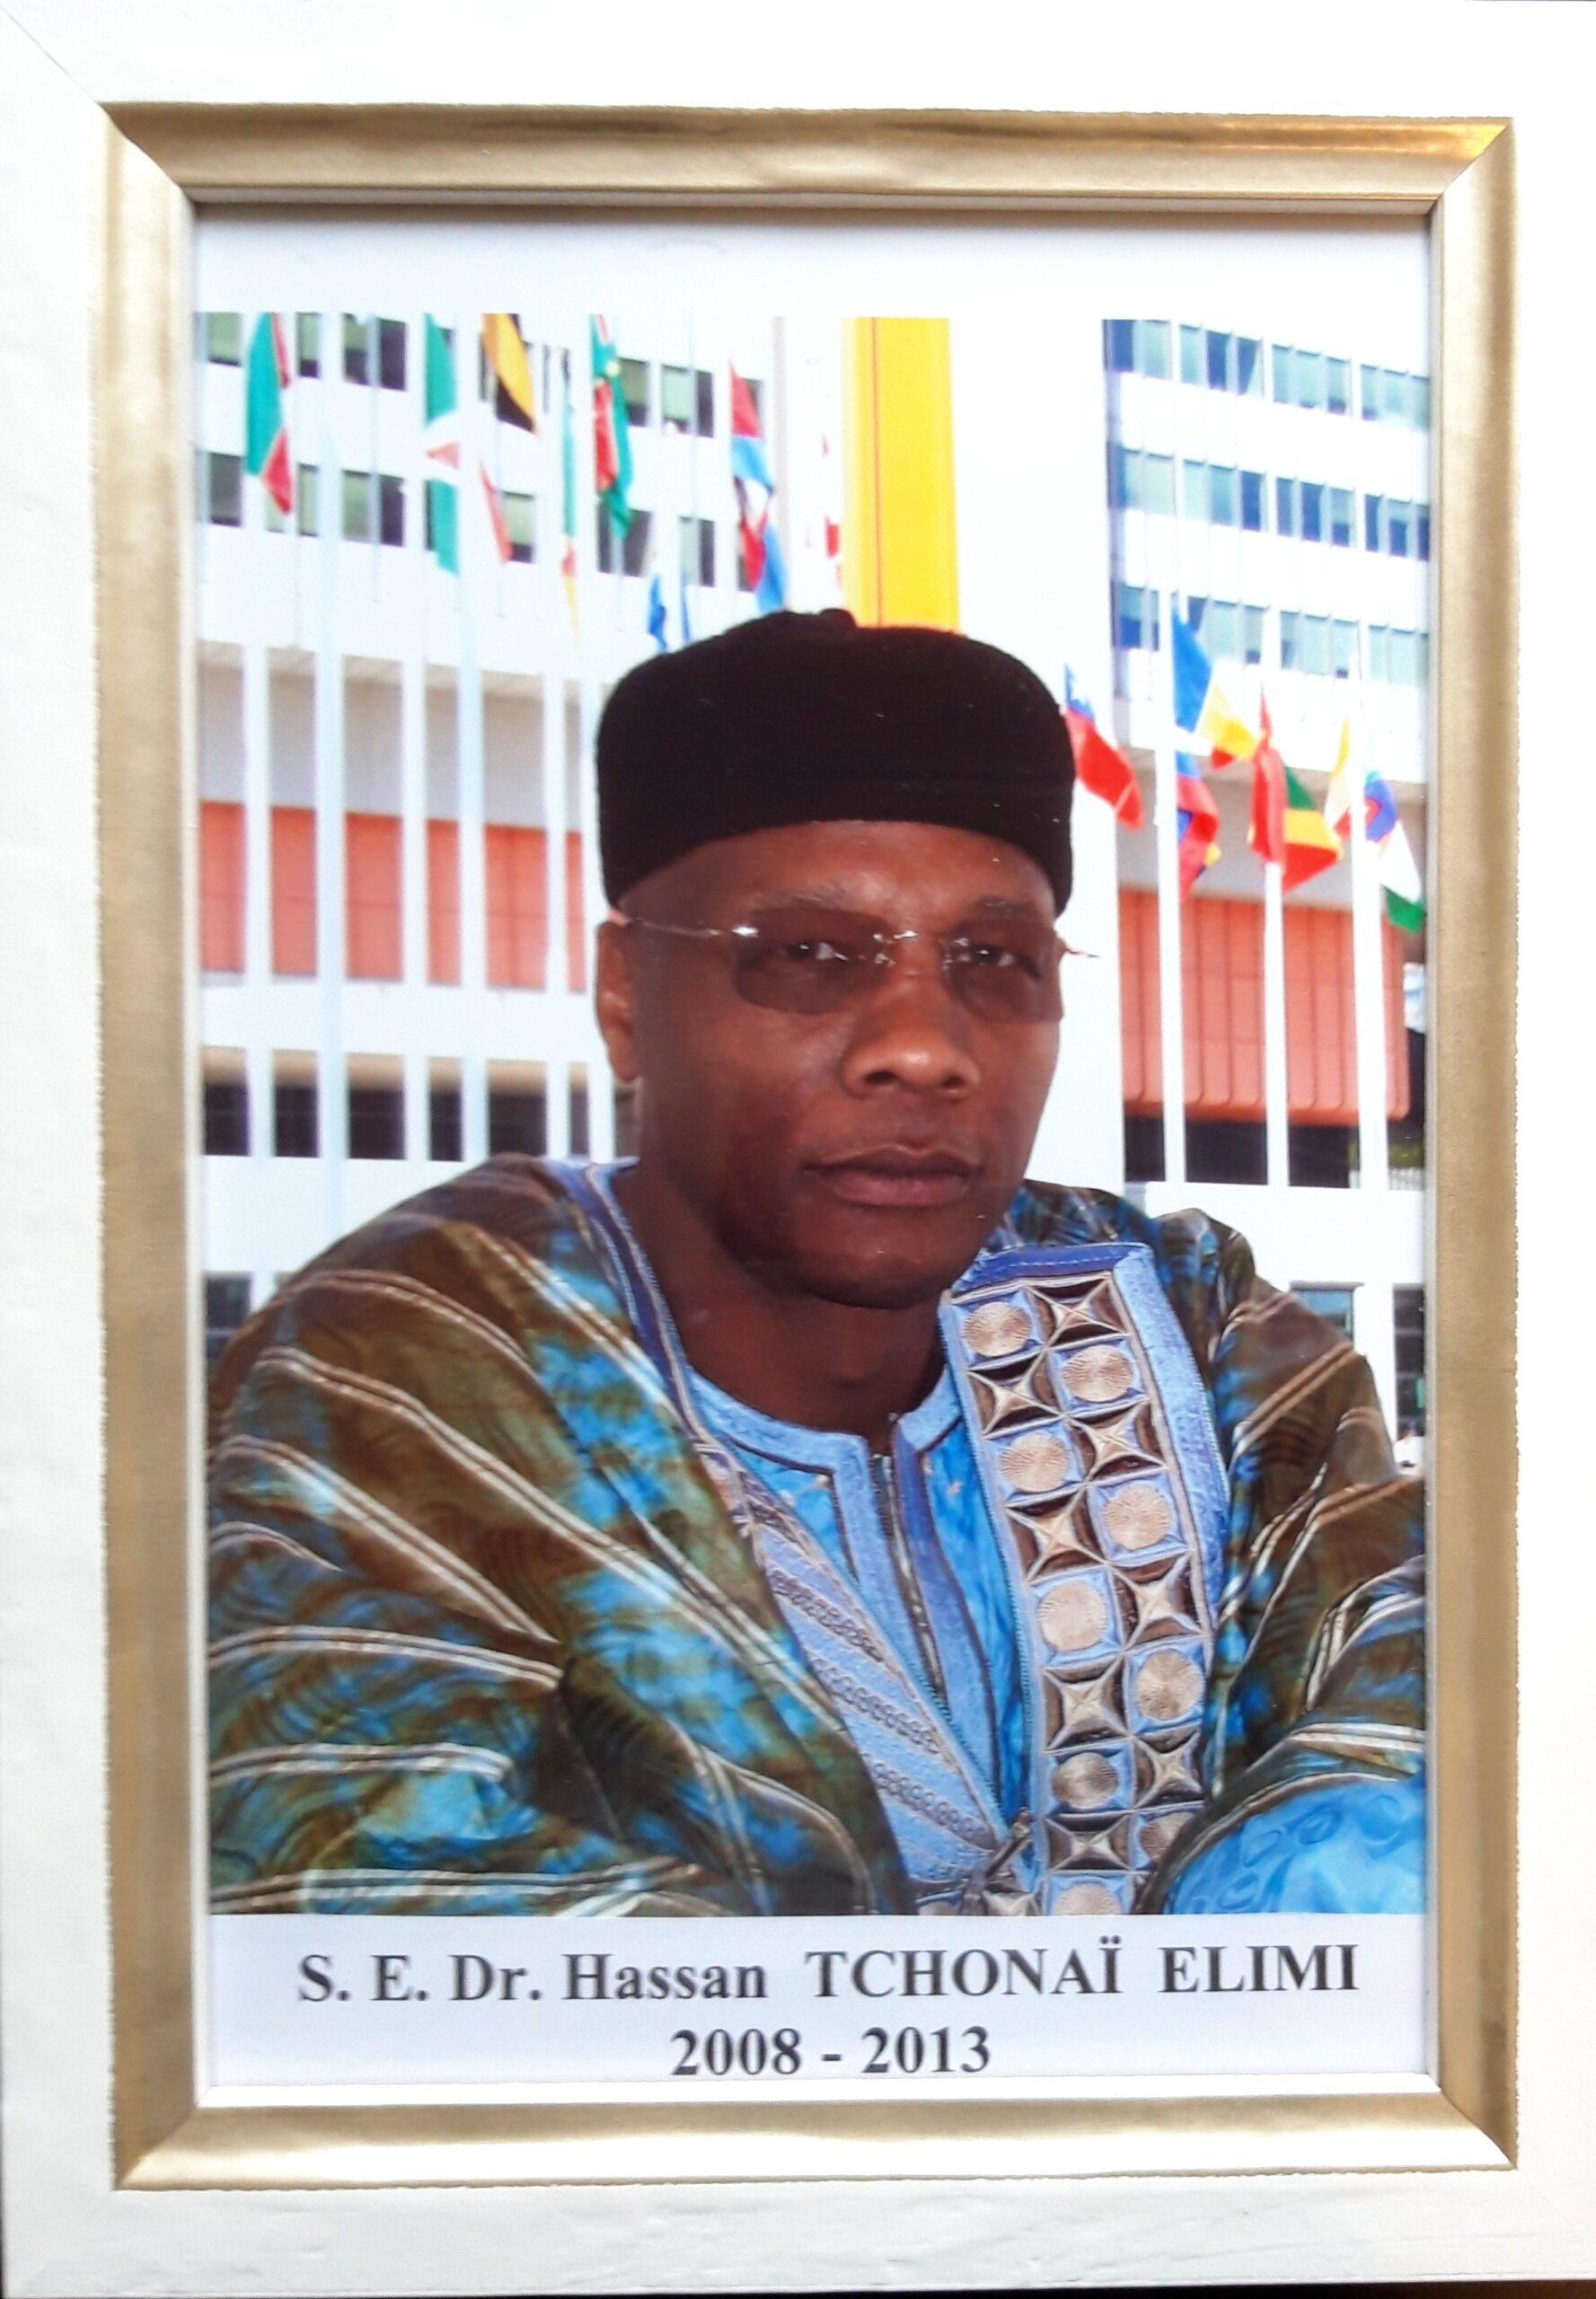 S.E. Dr. Hassan TCHONAI ELIMI